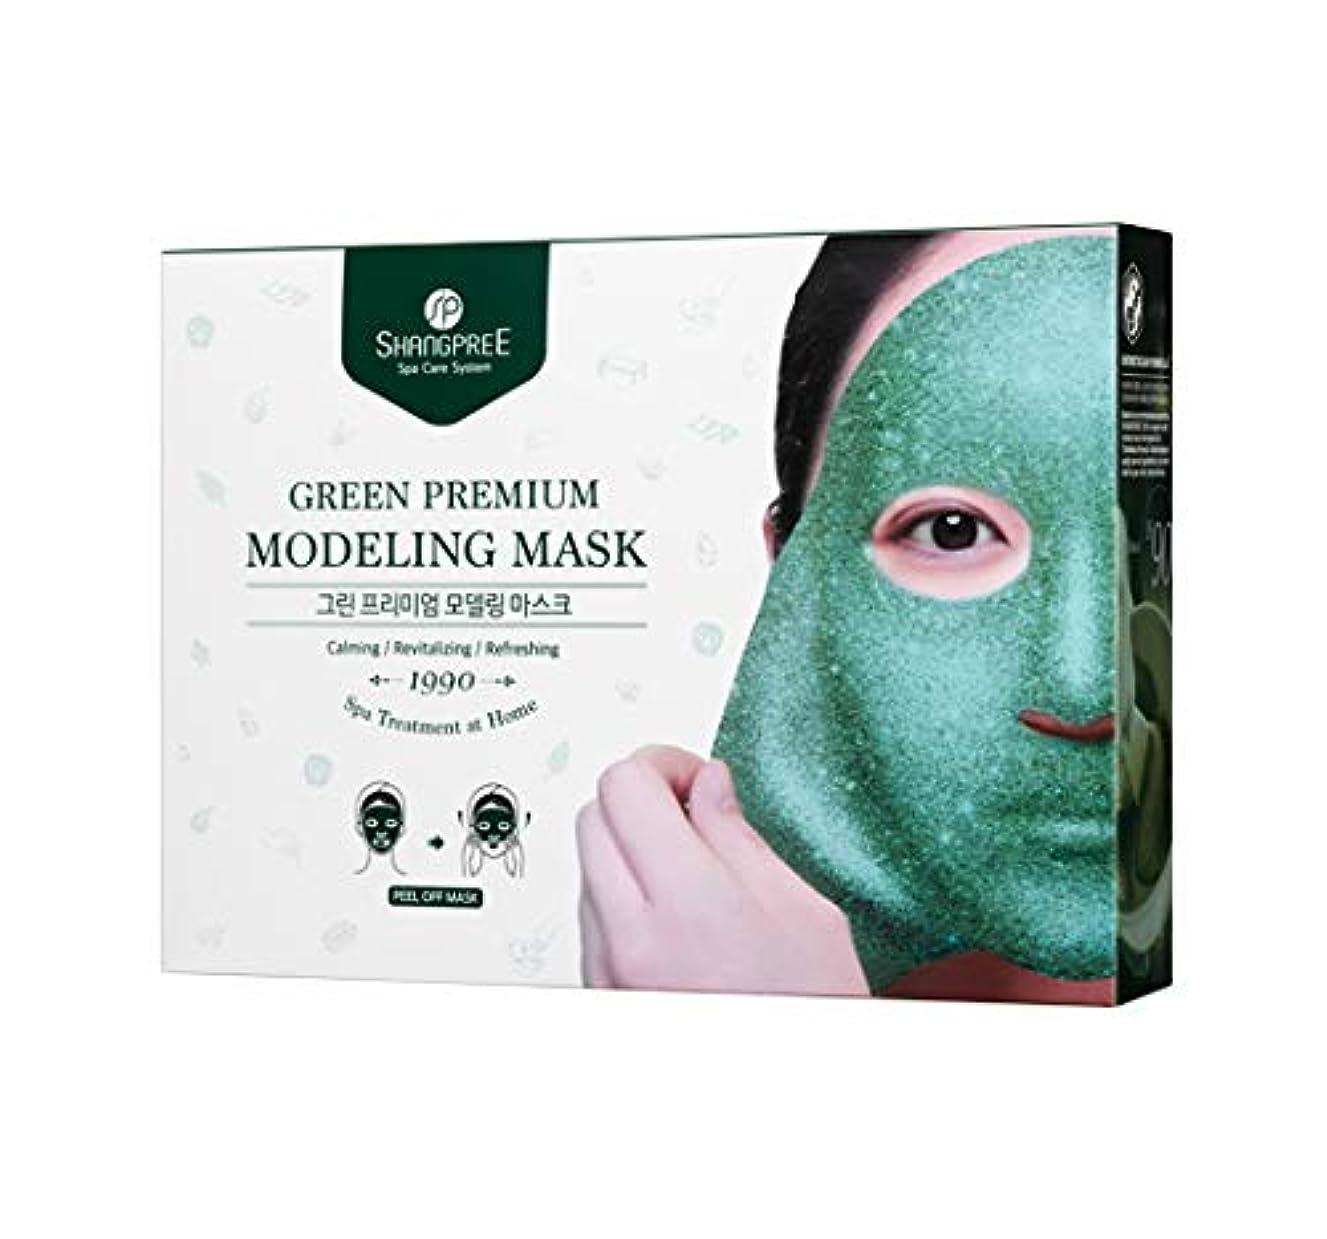 歴史結晶拒絶Shangpree グリーンプレミアムモデリングマスク 5枚 Green premium modeling mask 5ea (並行輸入品)